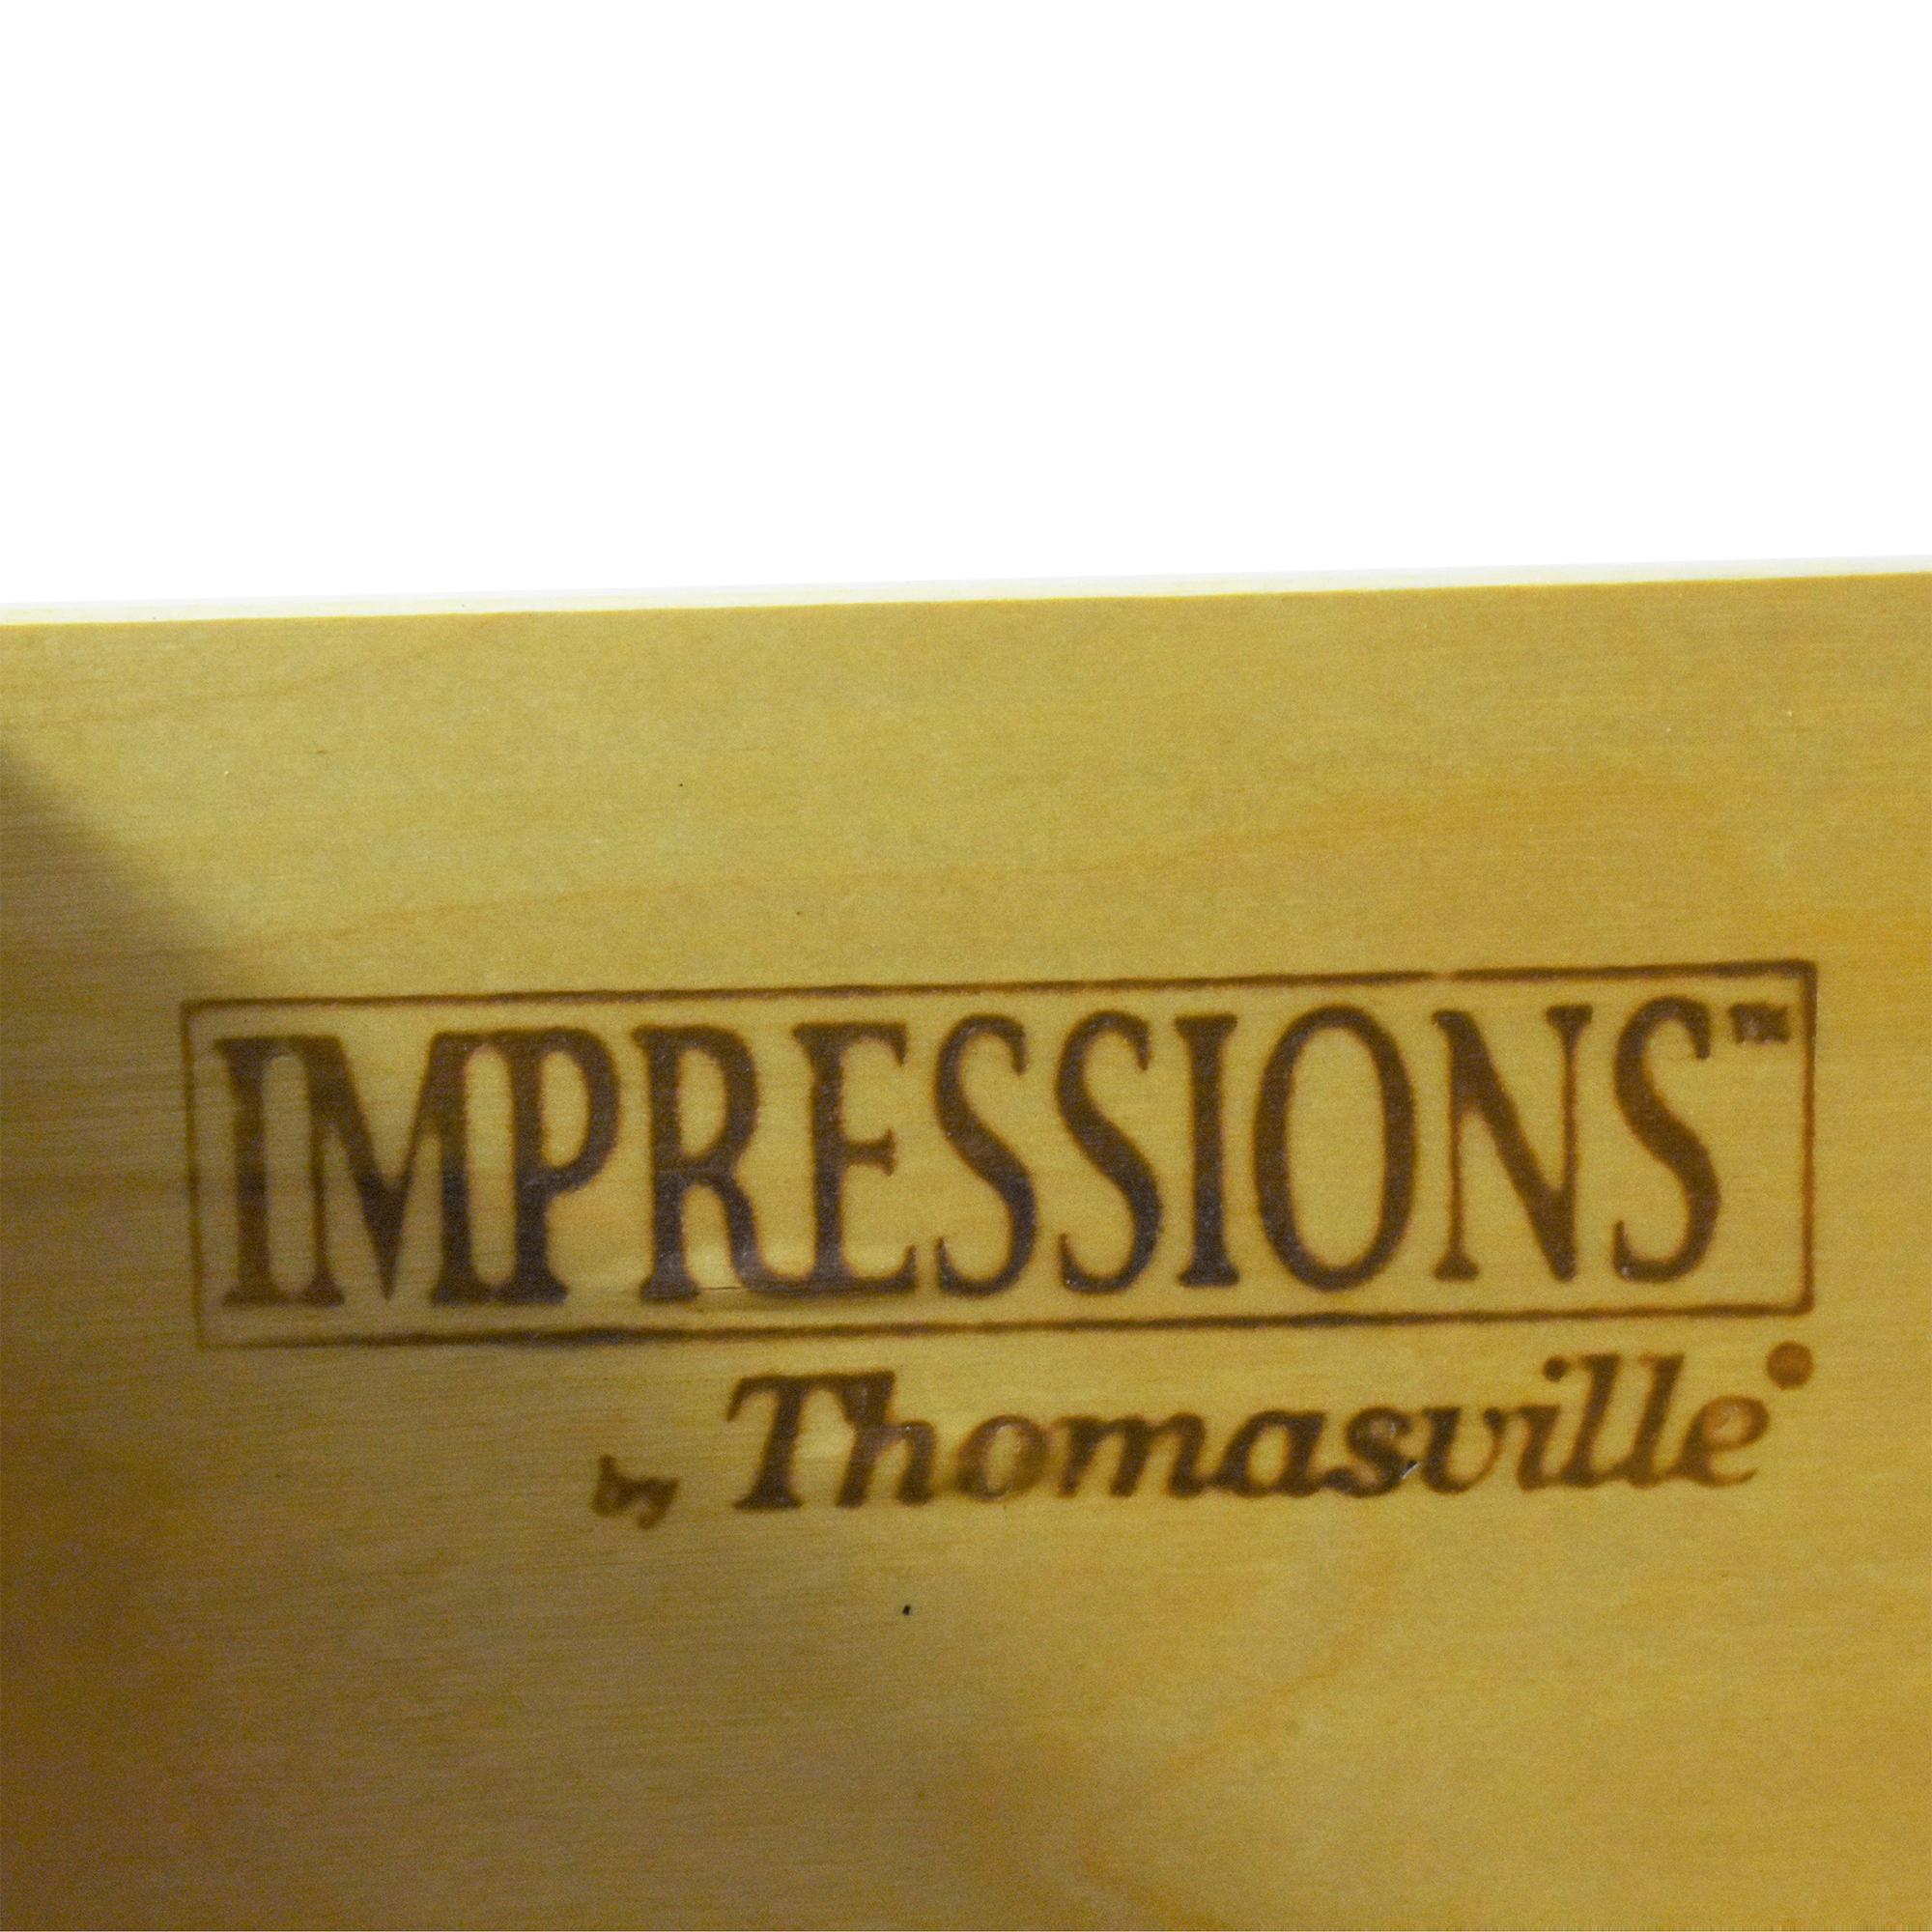 Thomasville Impressions Media Armoire Thomasville